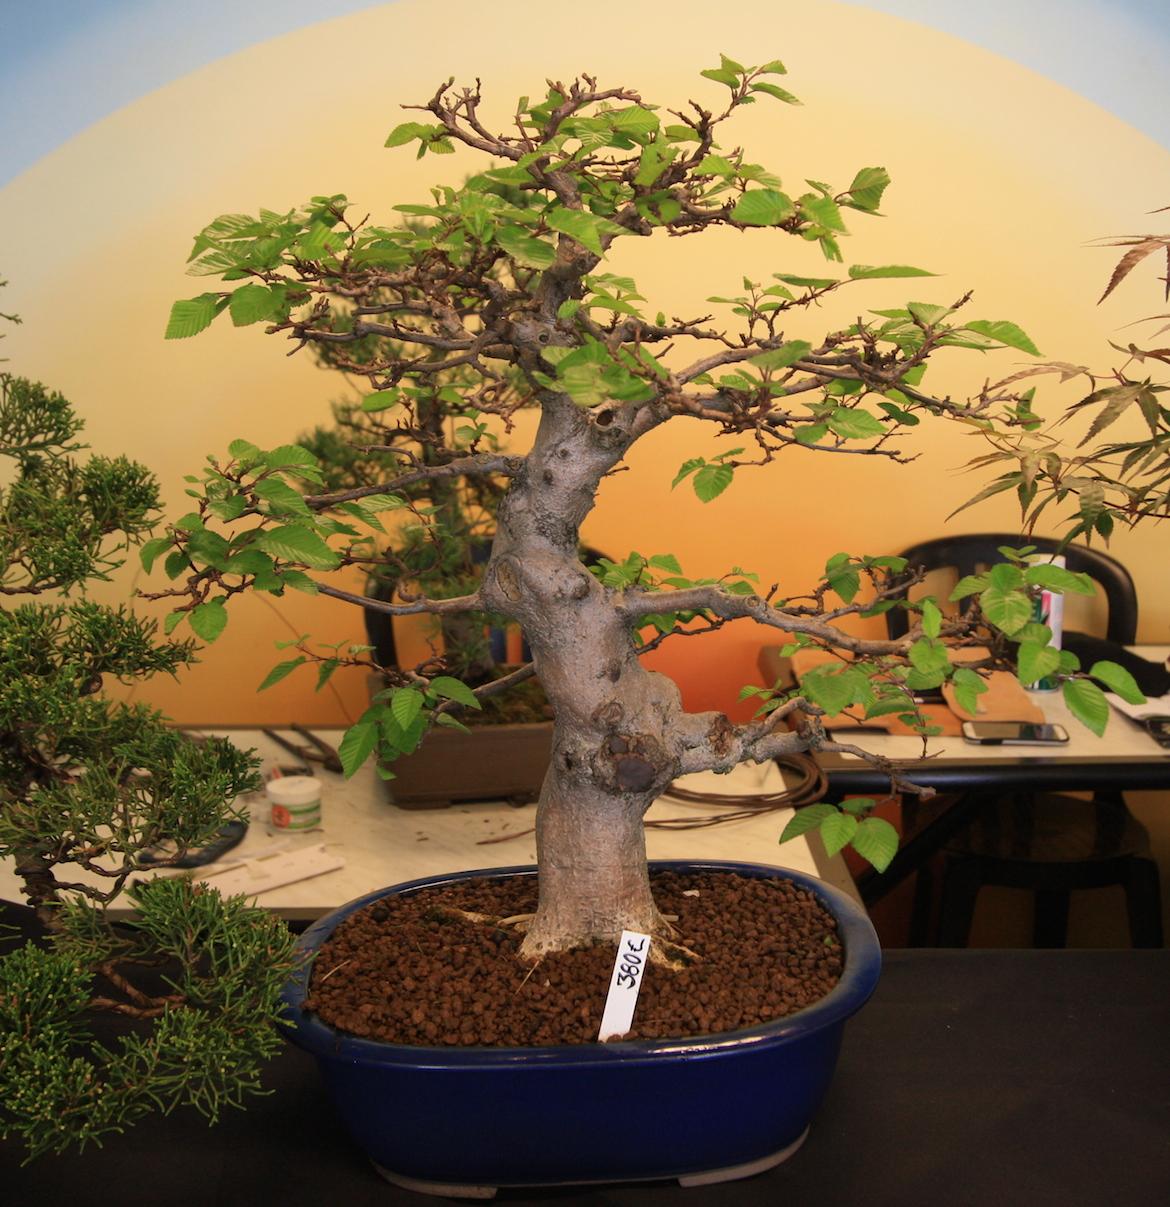 O bonsai jardin de bonsai swindon district bonsai for Bonsai de jardin